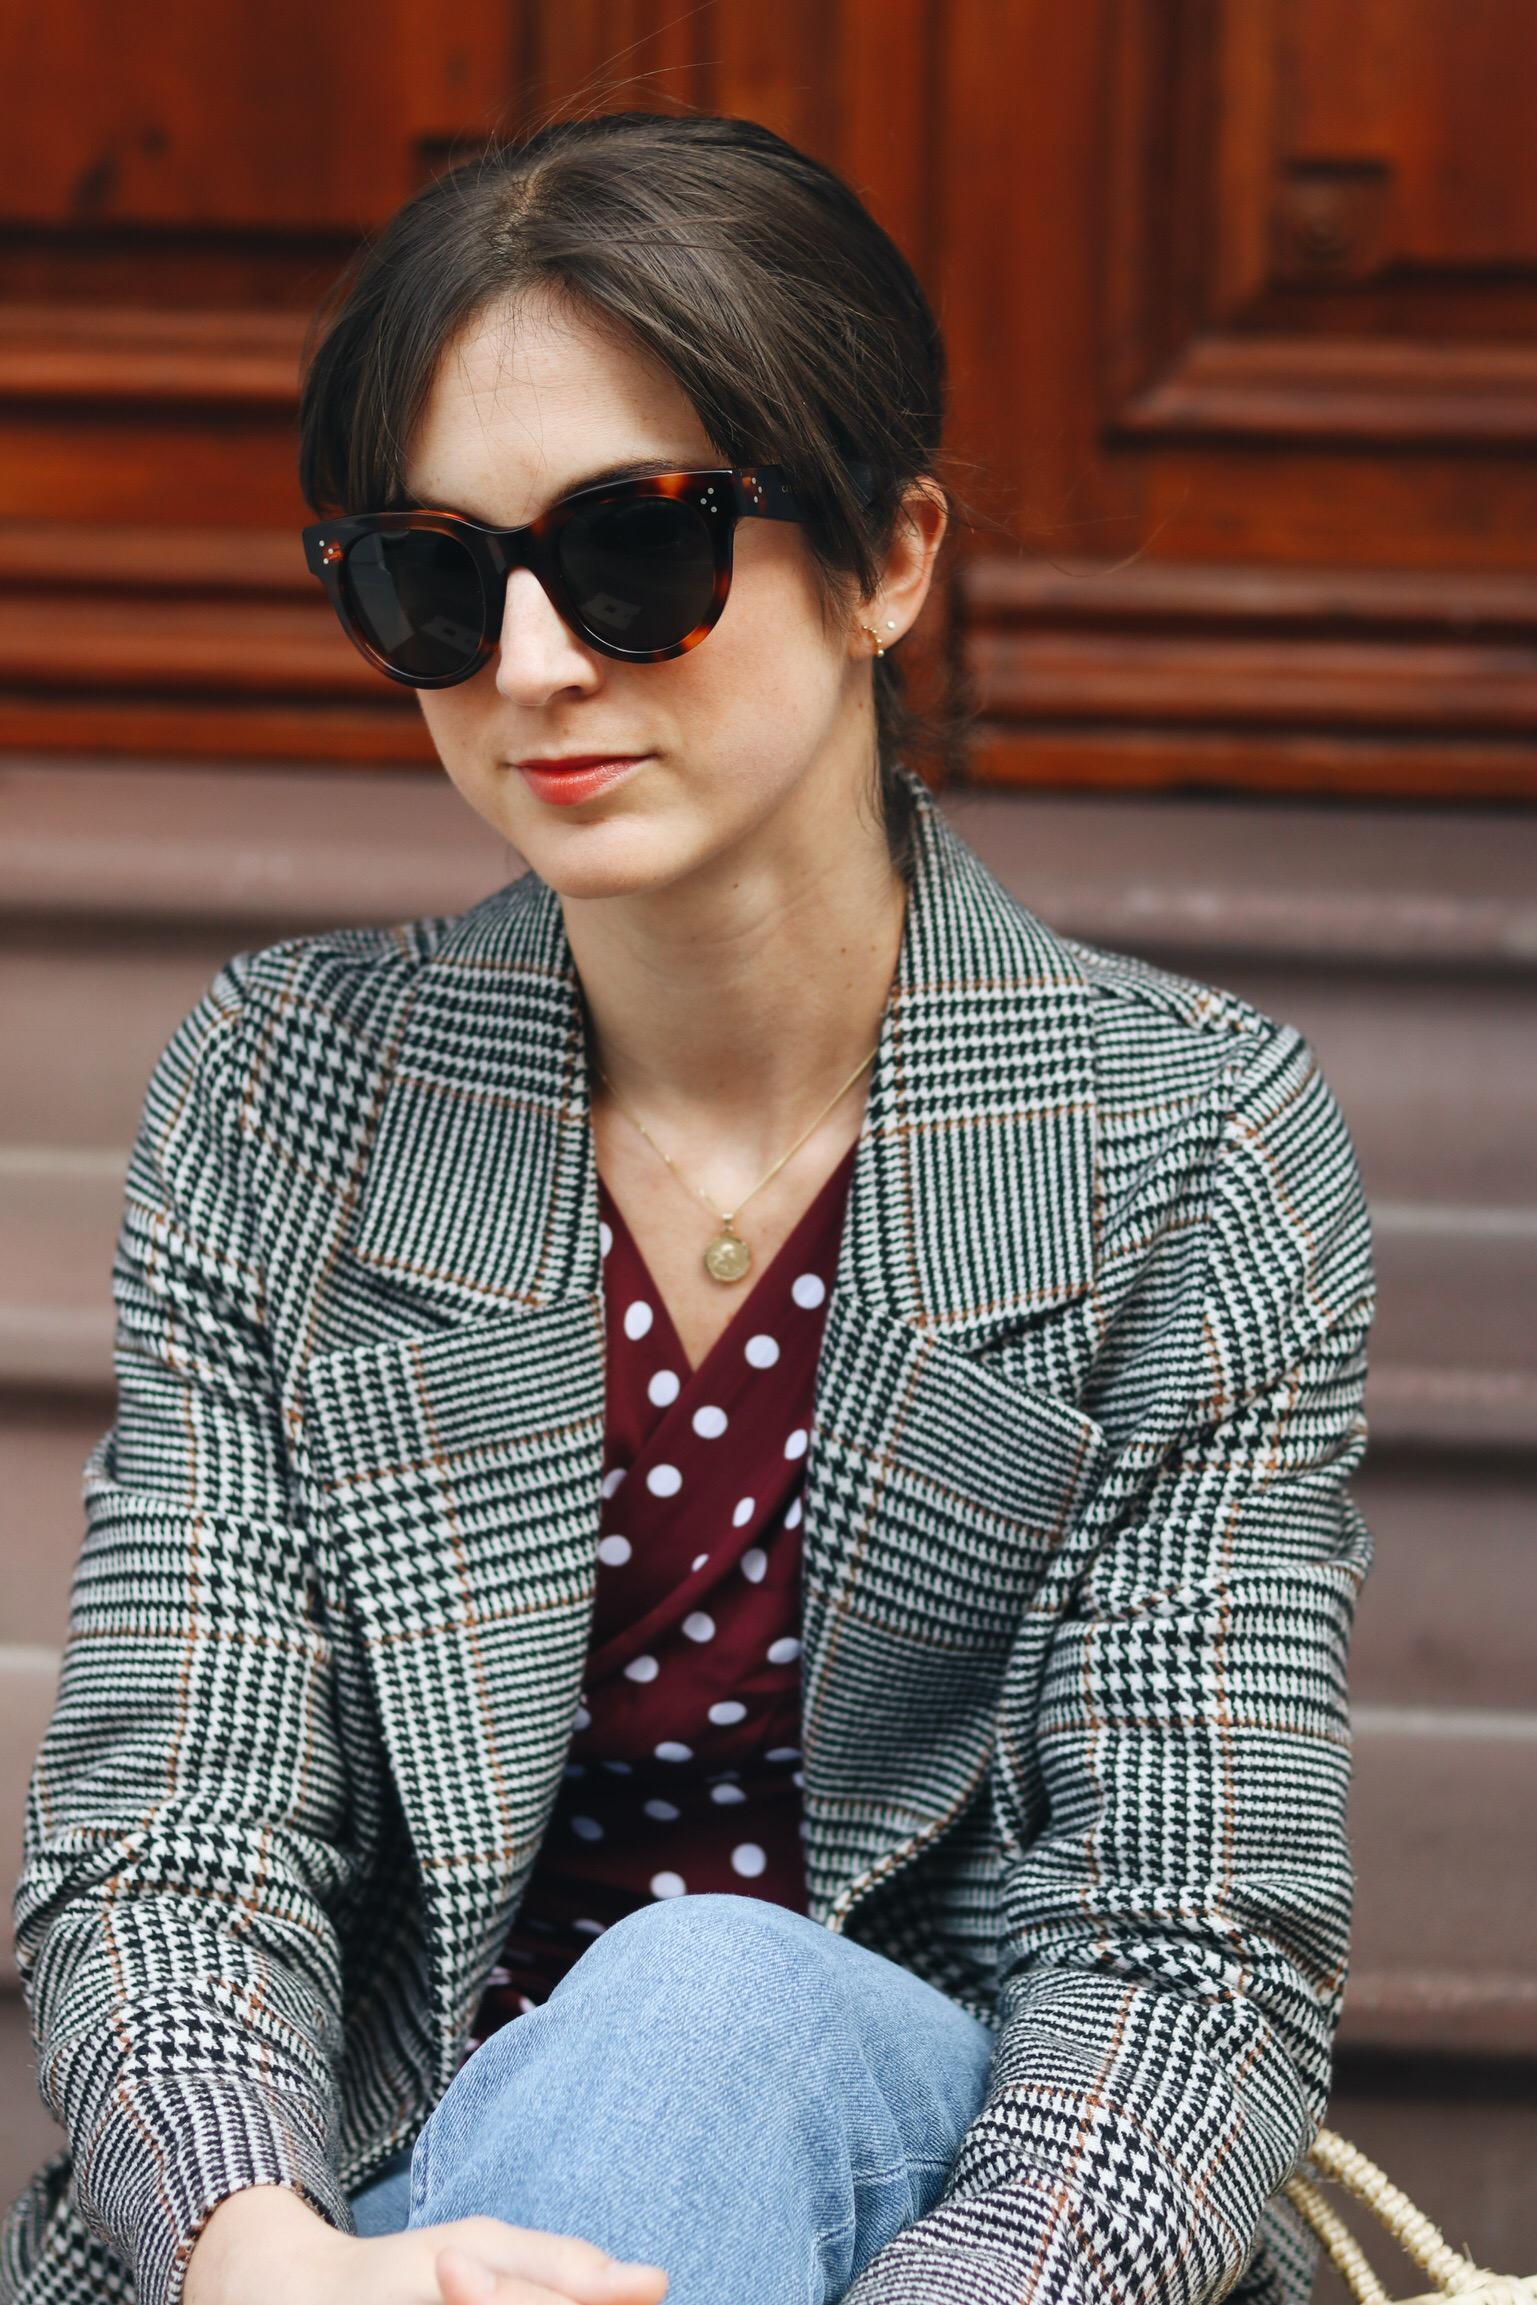 Karomuster der Modetrend auf meinem Modeblog